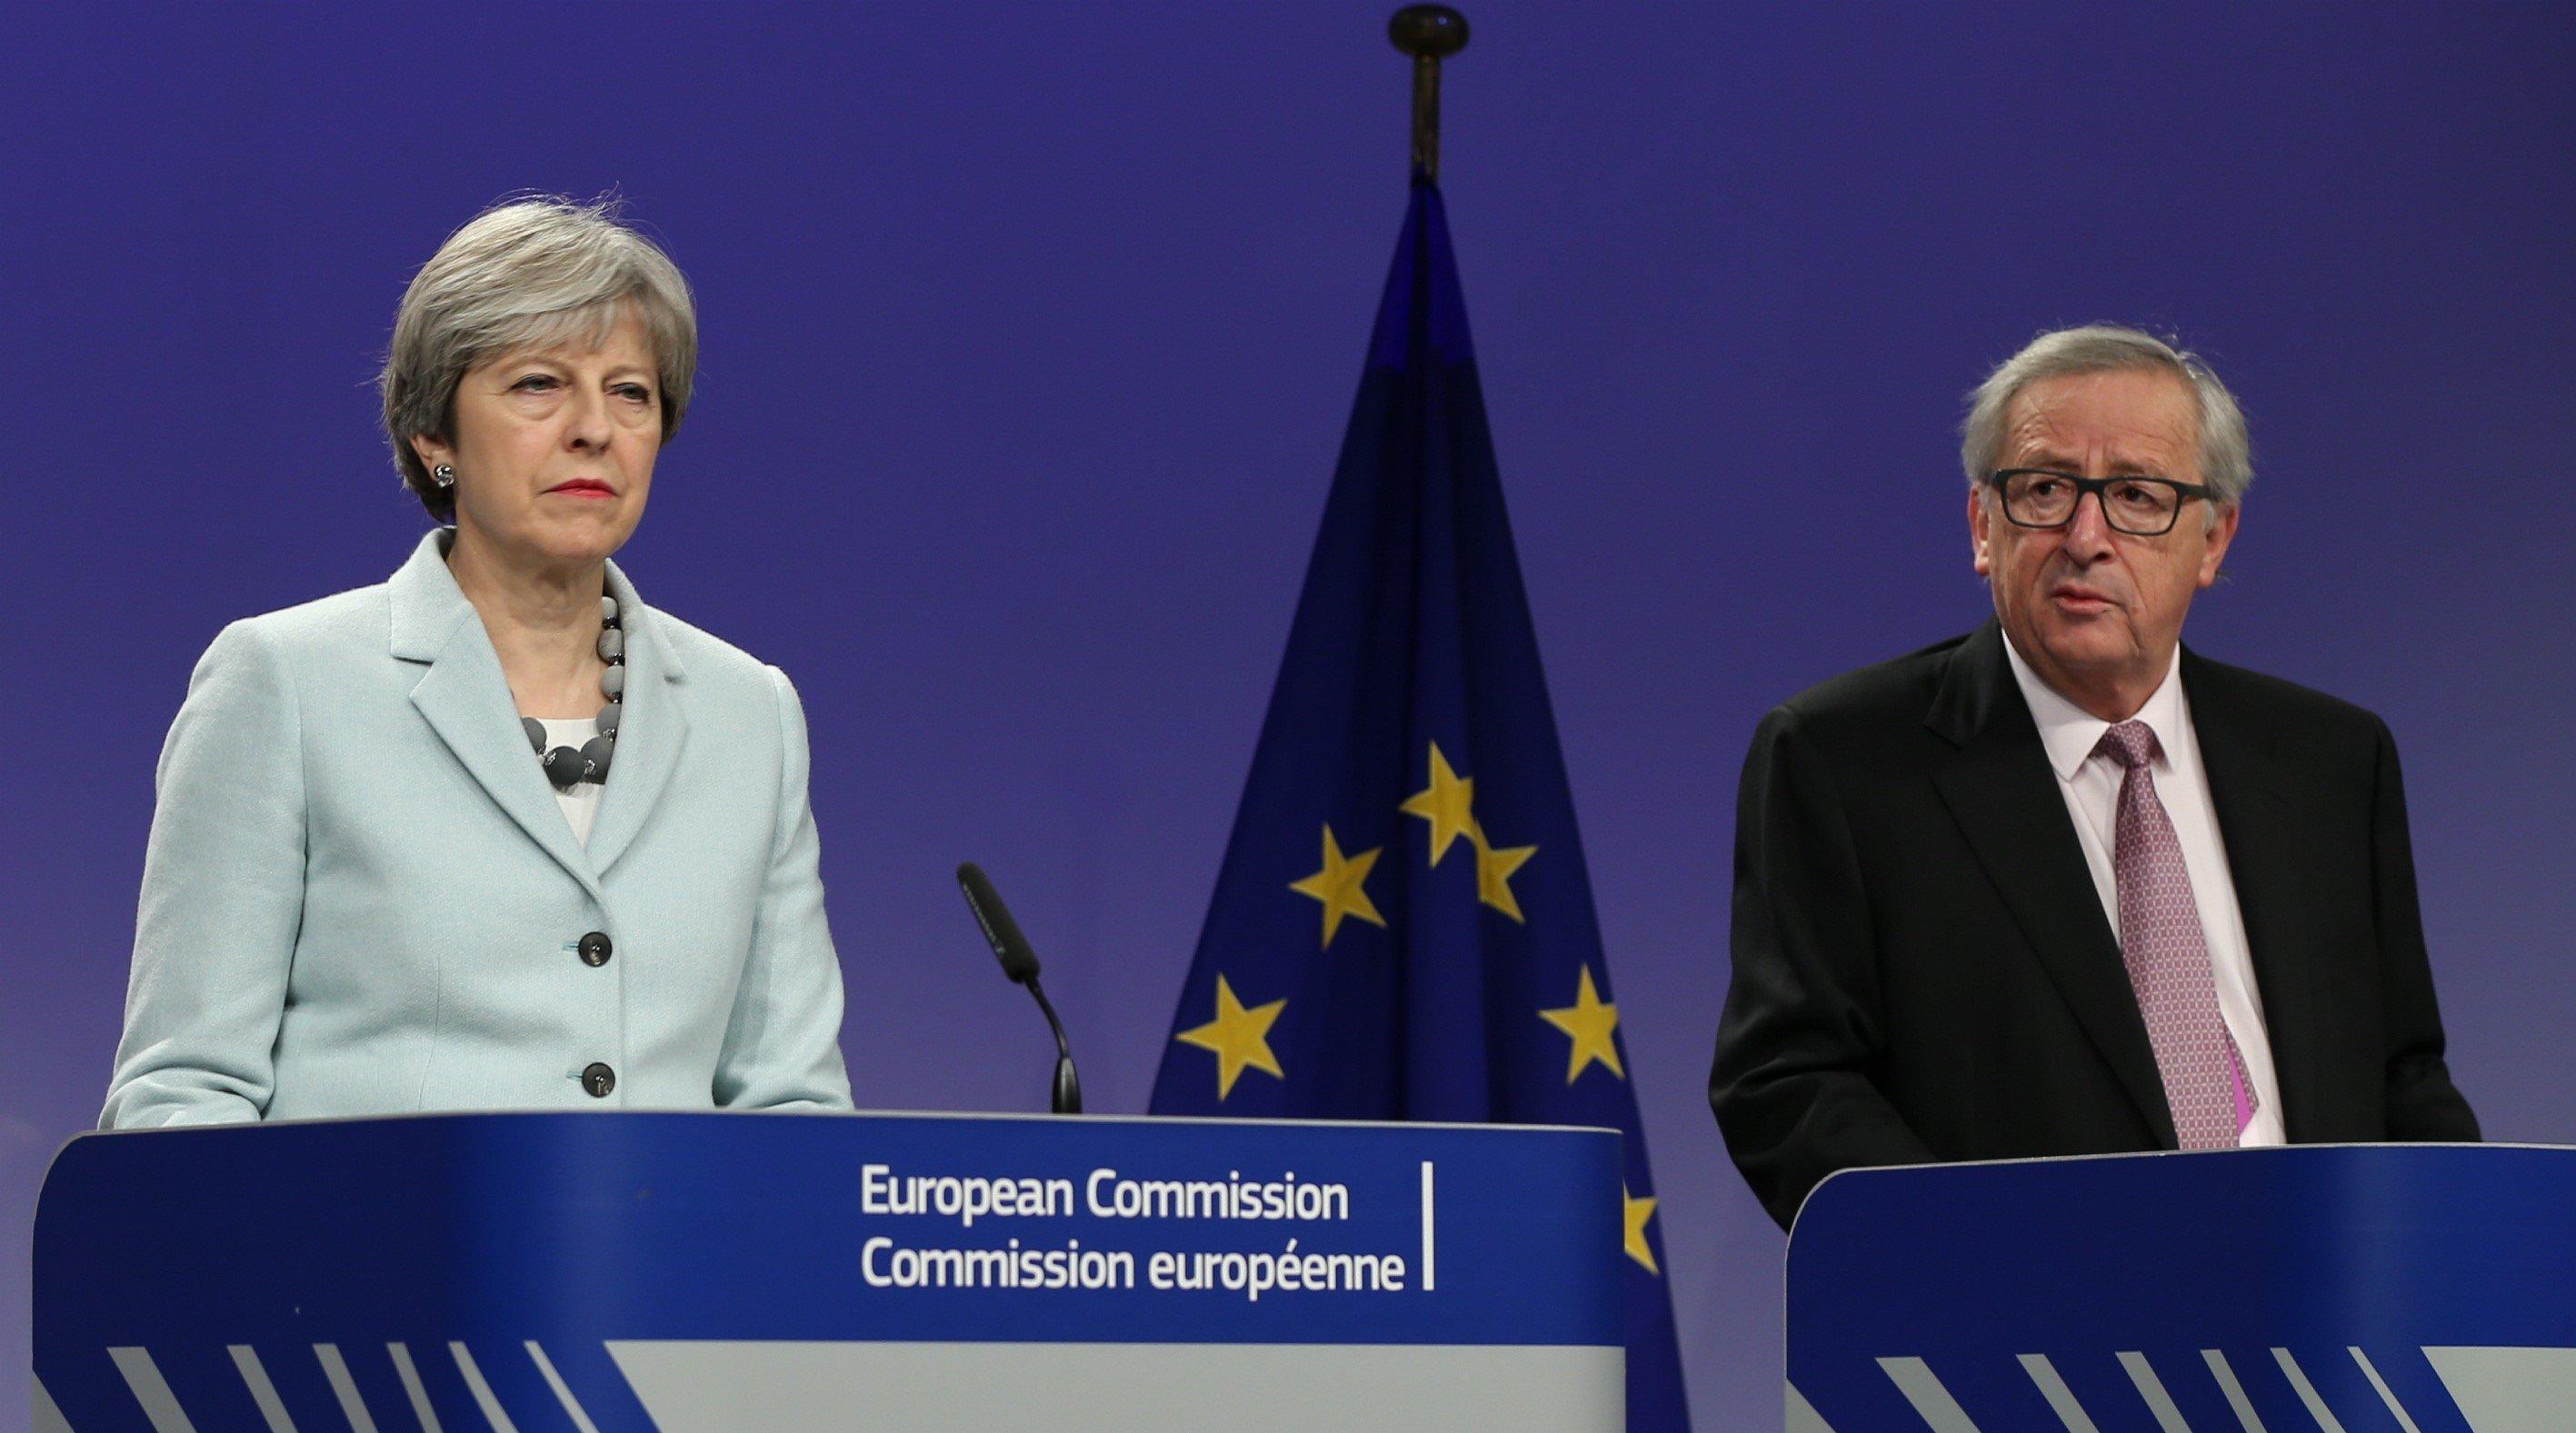 사진은 테레사 메이 영국 총리와 장-클로드 융커 EU 집행위원장이 벨기에 브뤼셀에서 공동기자회견을 하는 모습. 2017년 12월8일.